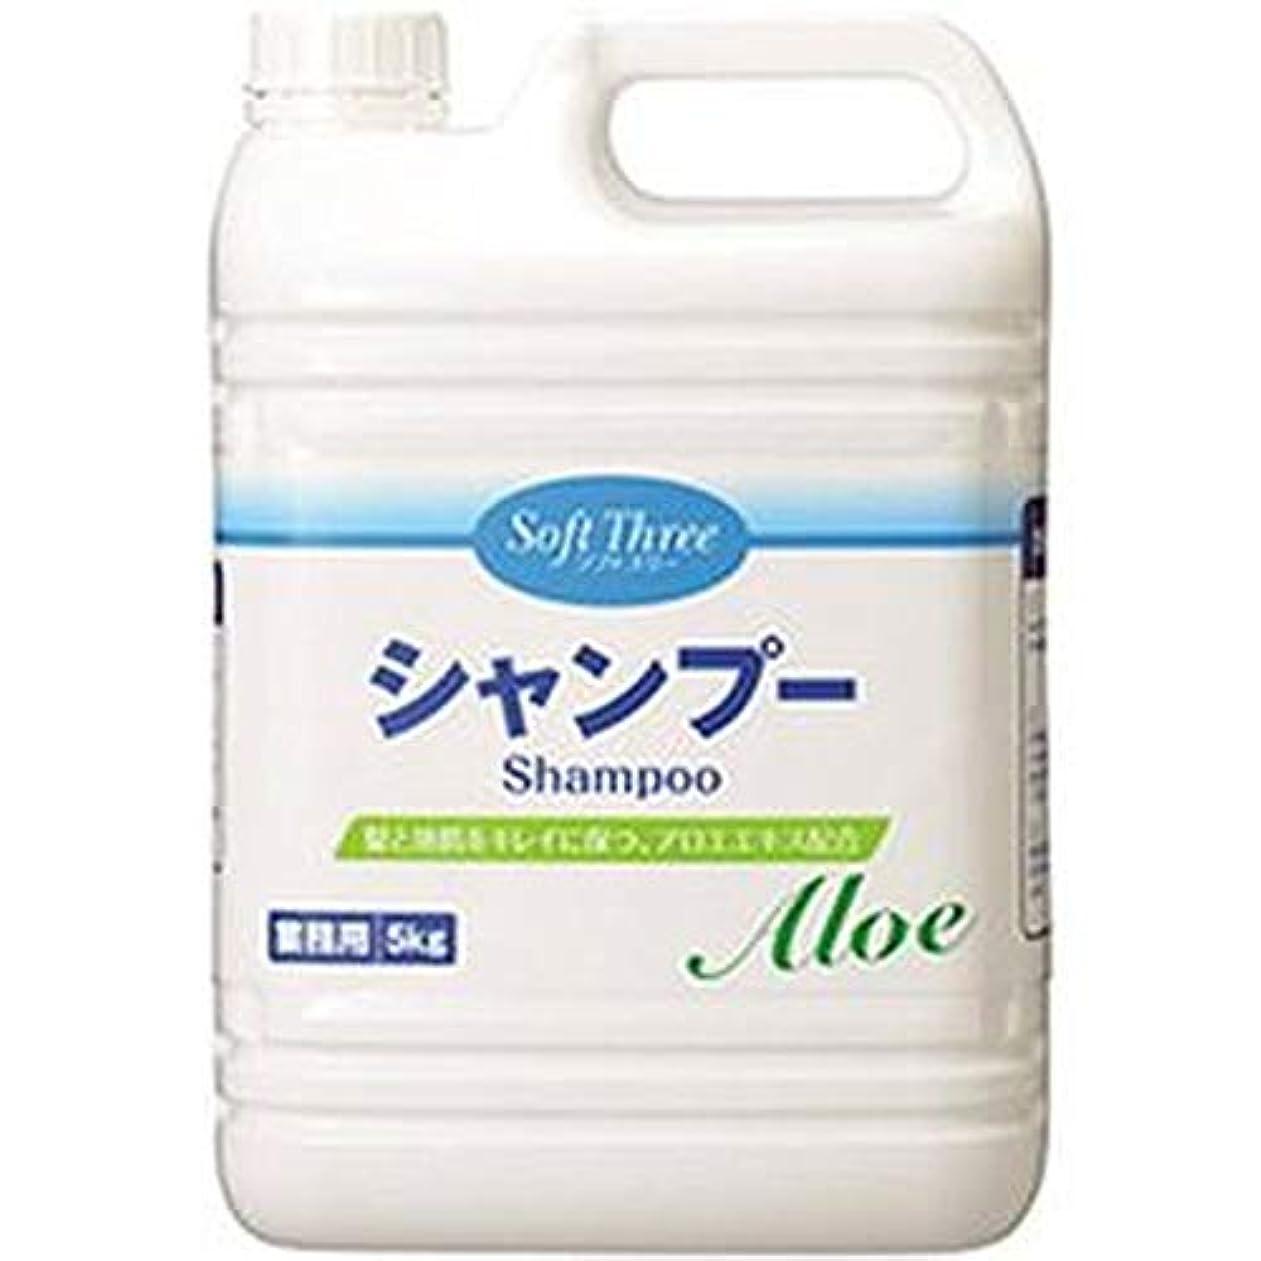 石膏繊毛リクルートソフトスリーシャンプー5kg??1箱-3本-